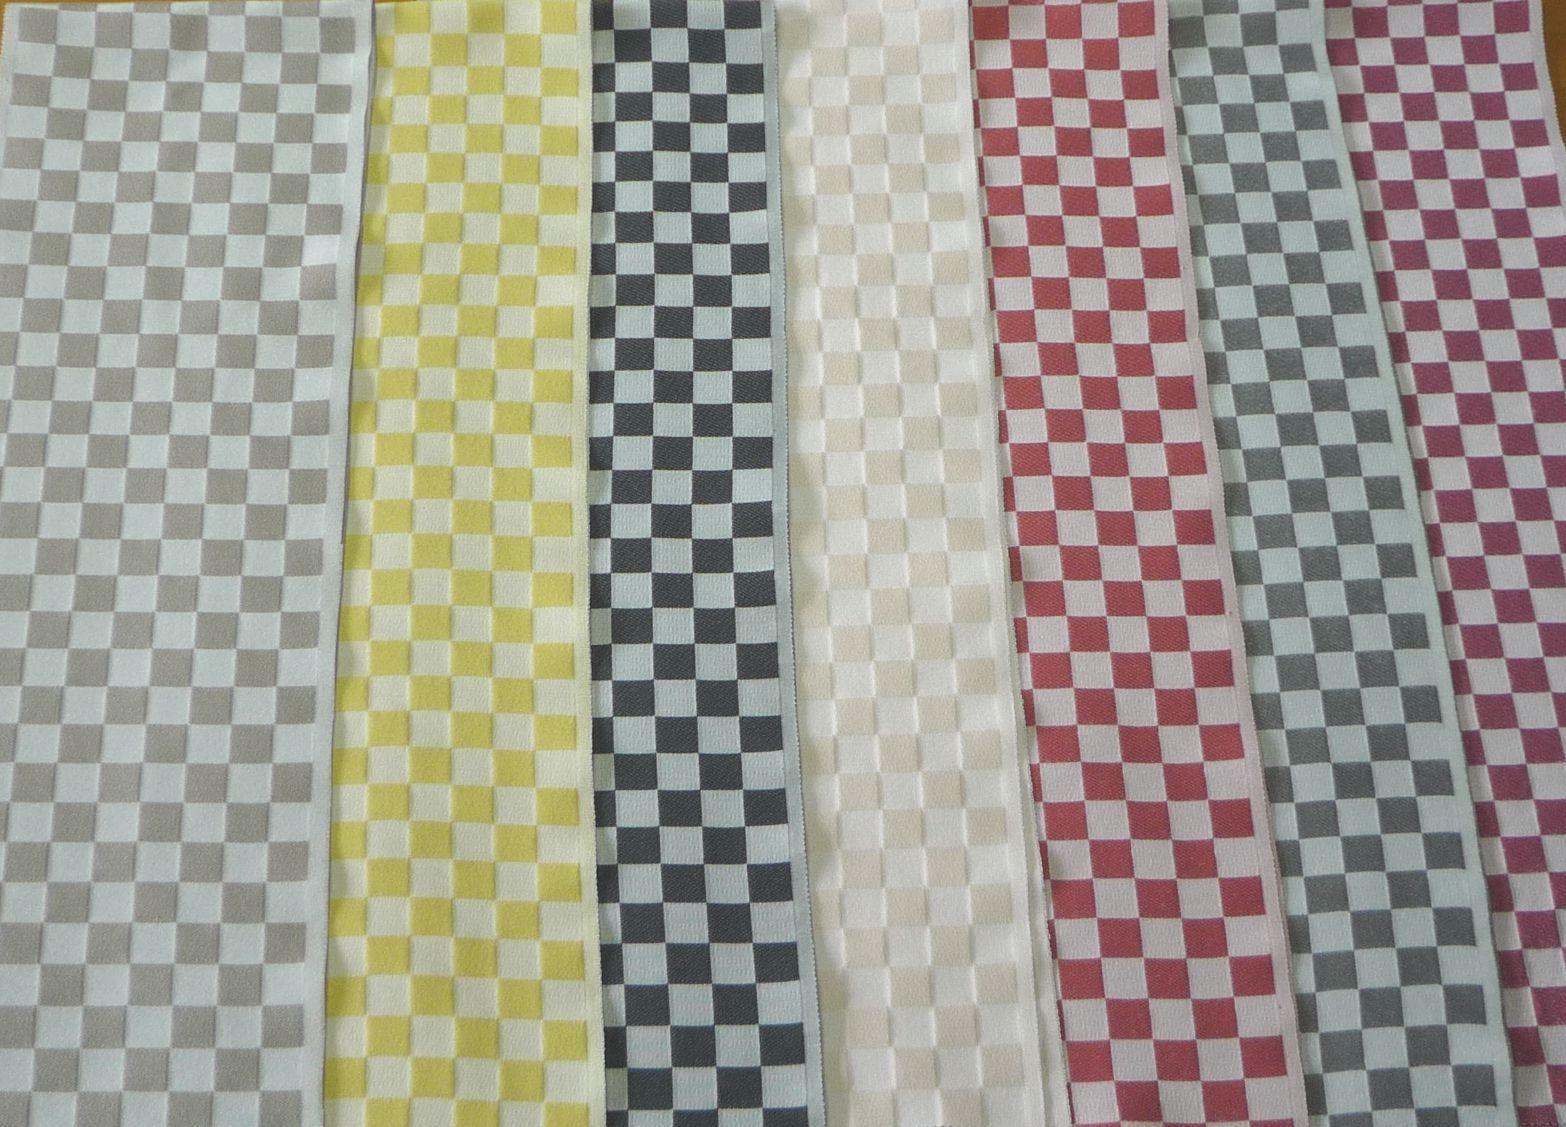 ポップでキュートな市松半衿 デニムきもののアクセントに♪【正規品】 絹40%使用